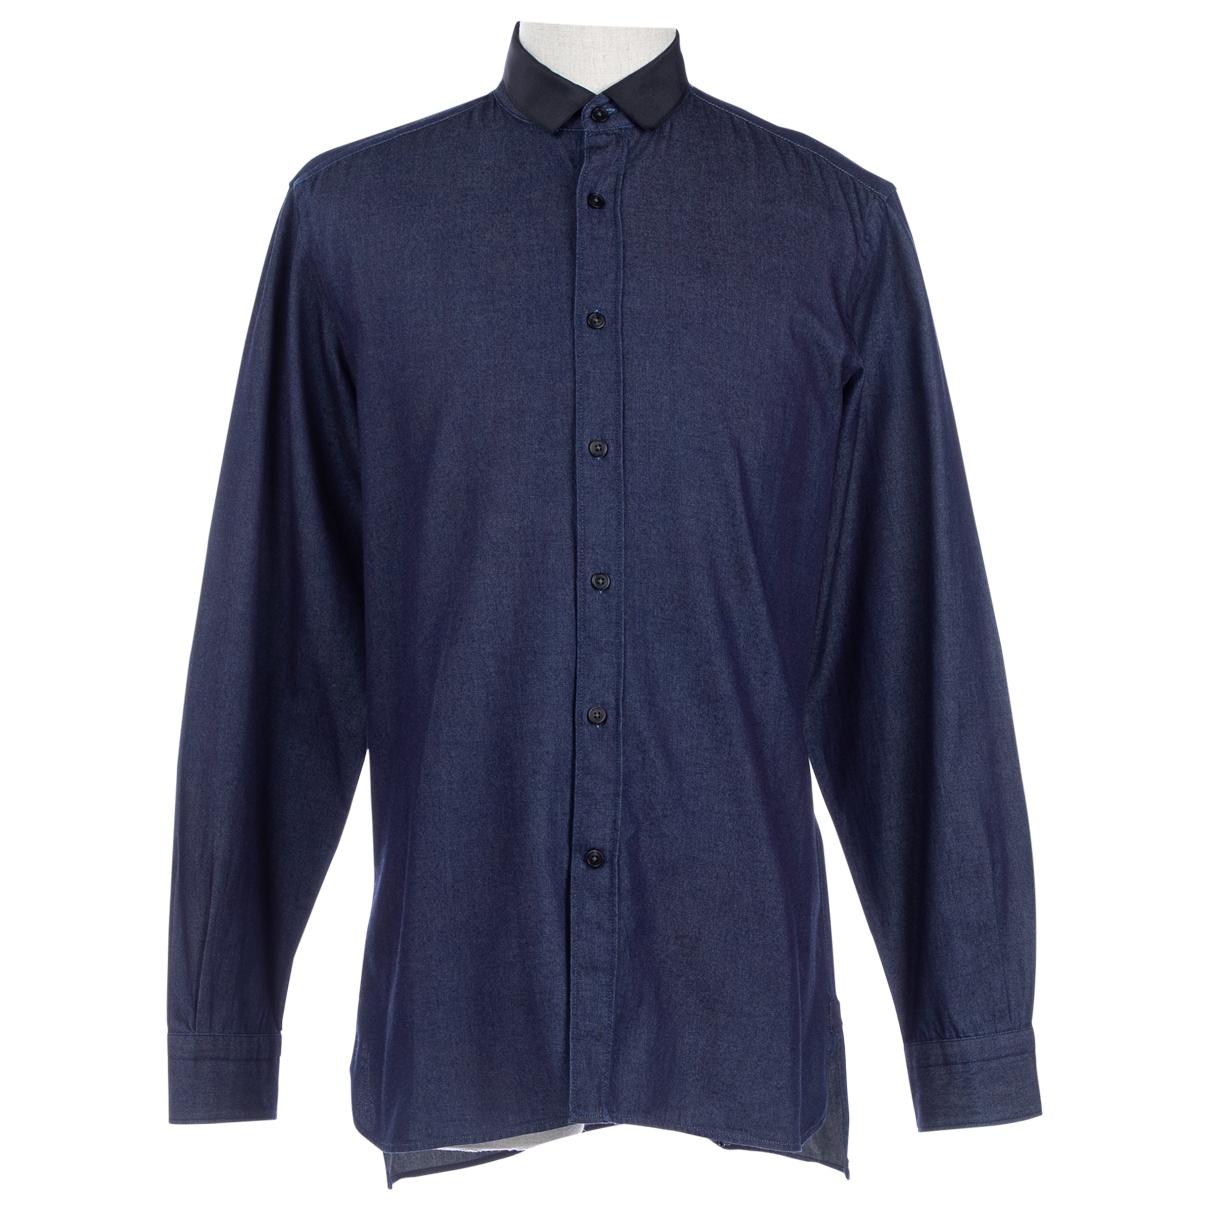 Lanvin - Chemises   pour homme en denim - marine